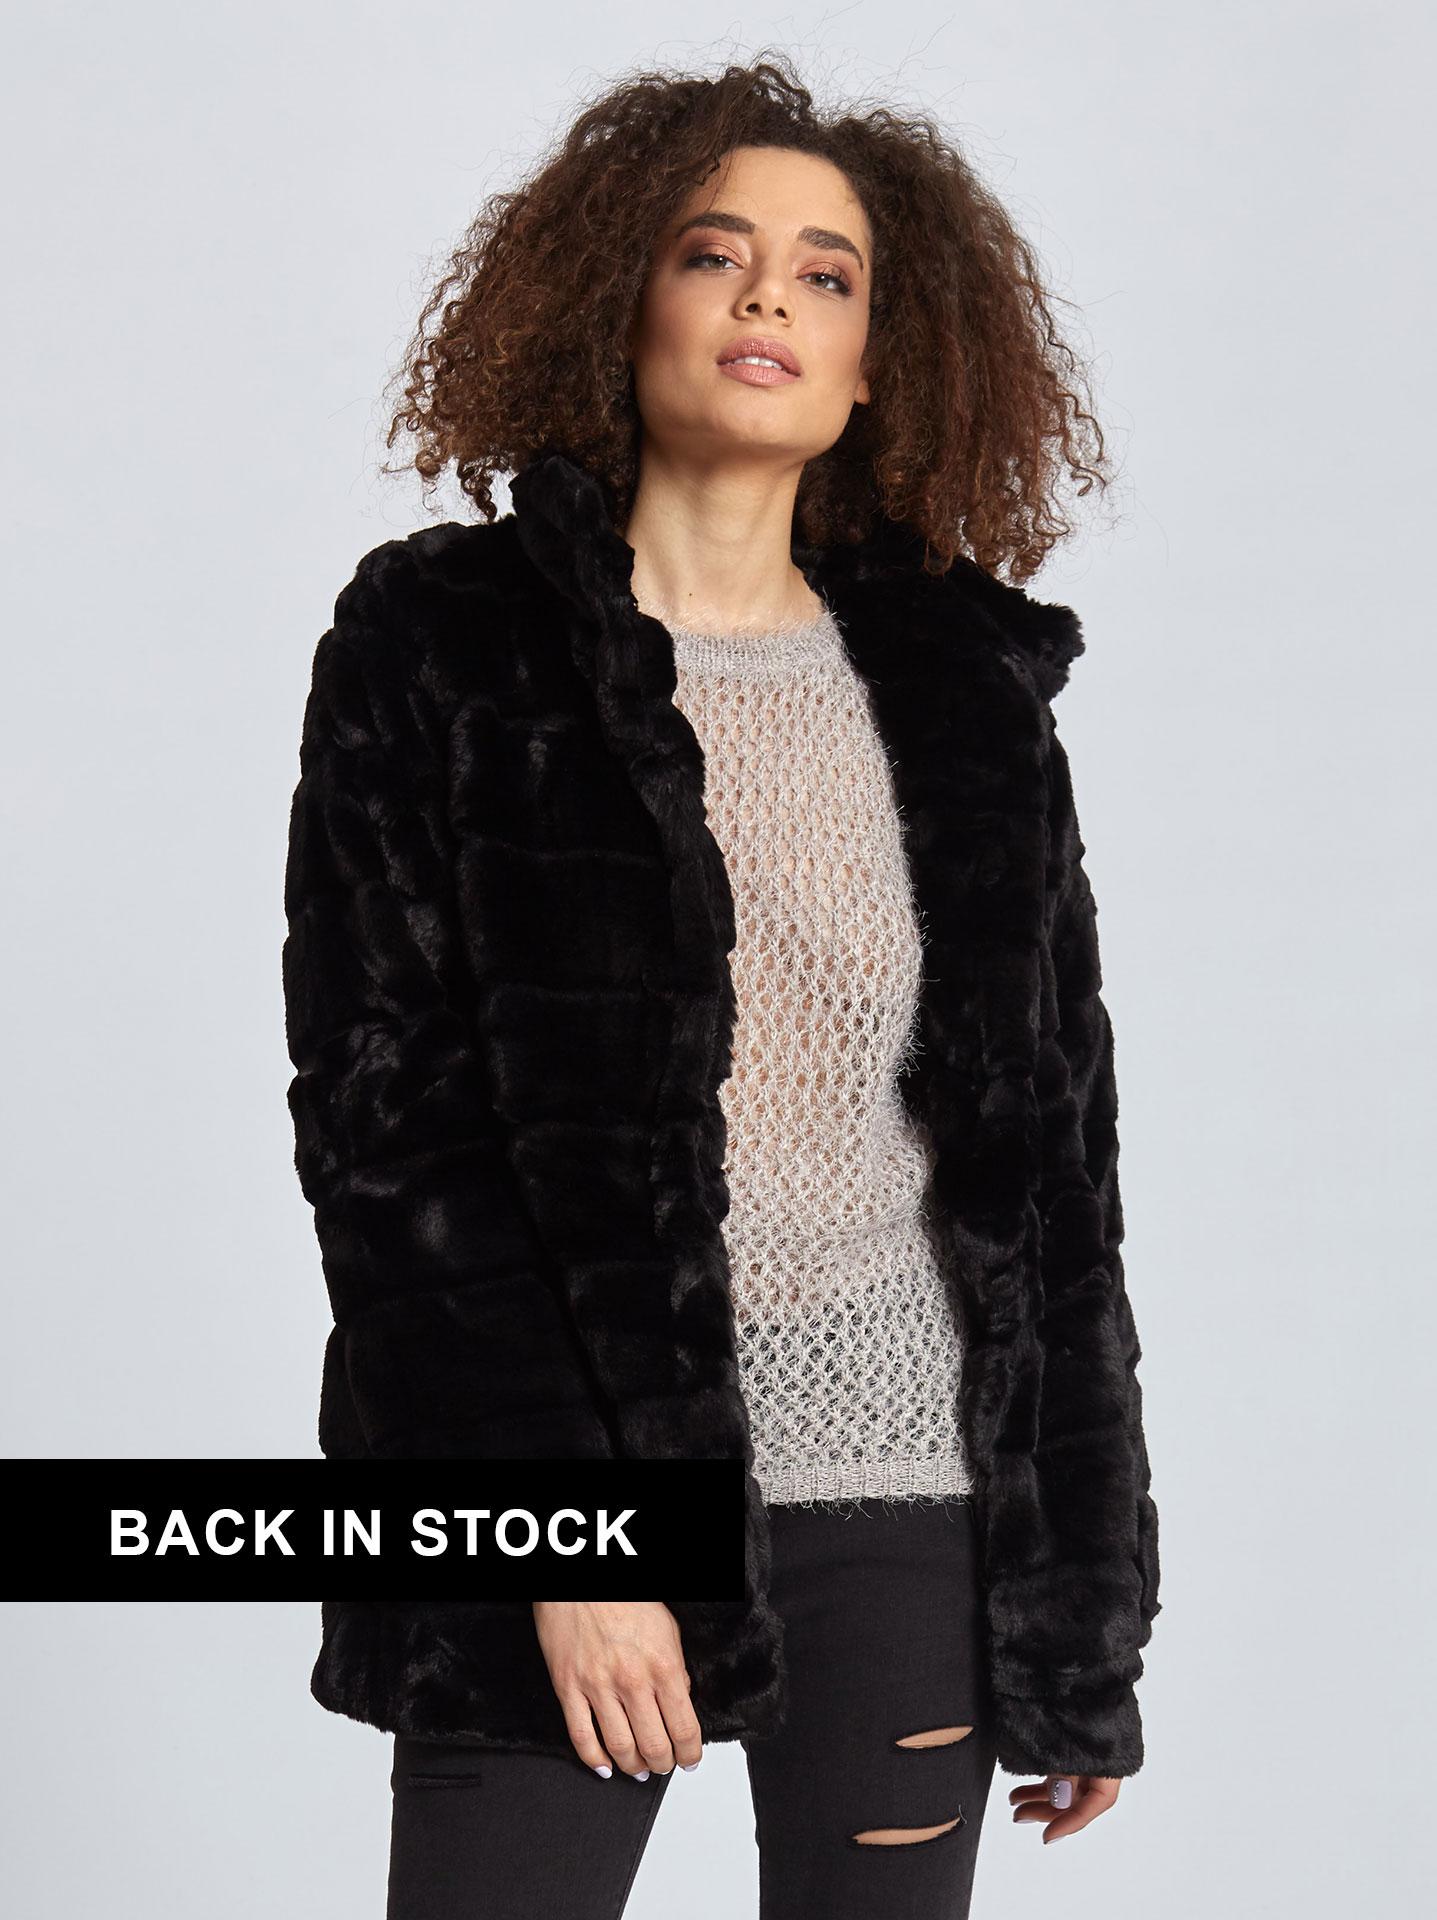 Κοντό παλτό από οικολογική-συνθετική γούνα σε μαυρο 9f1b9de4faa